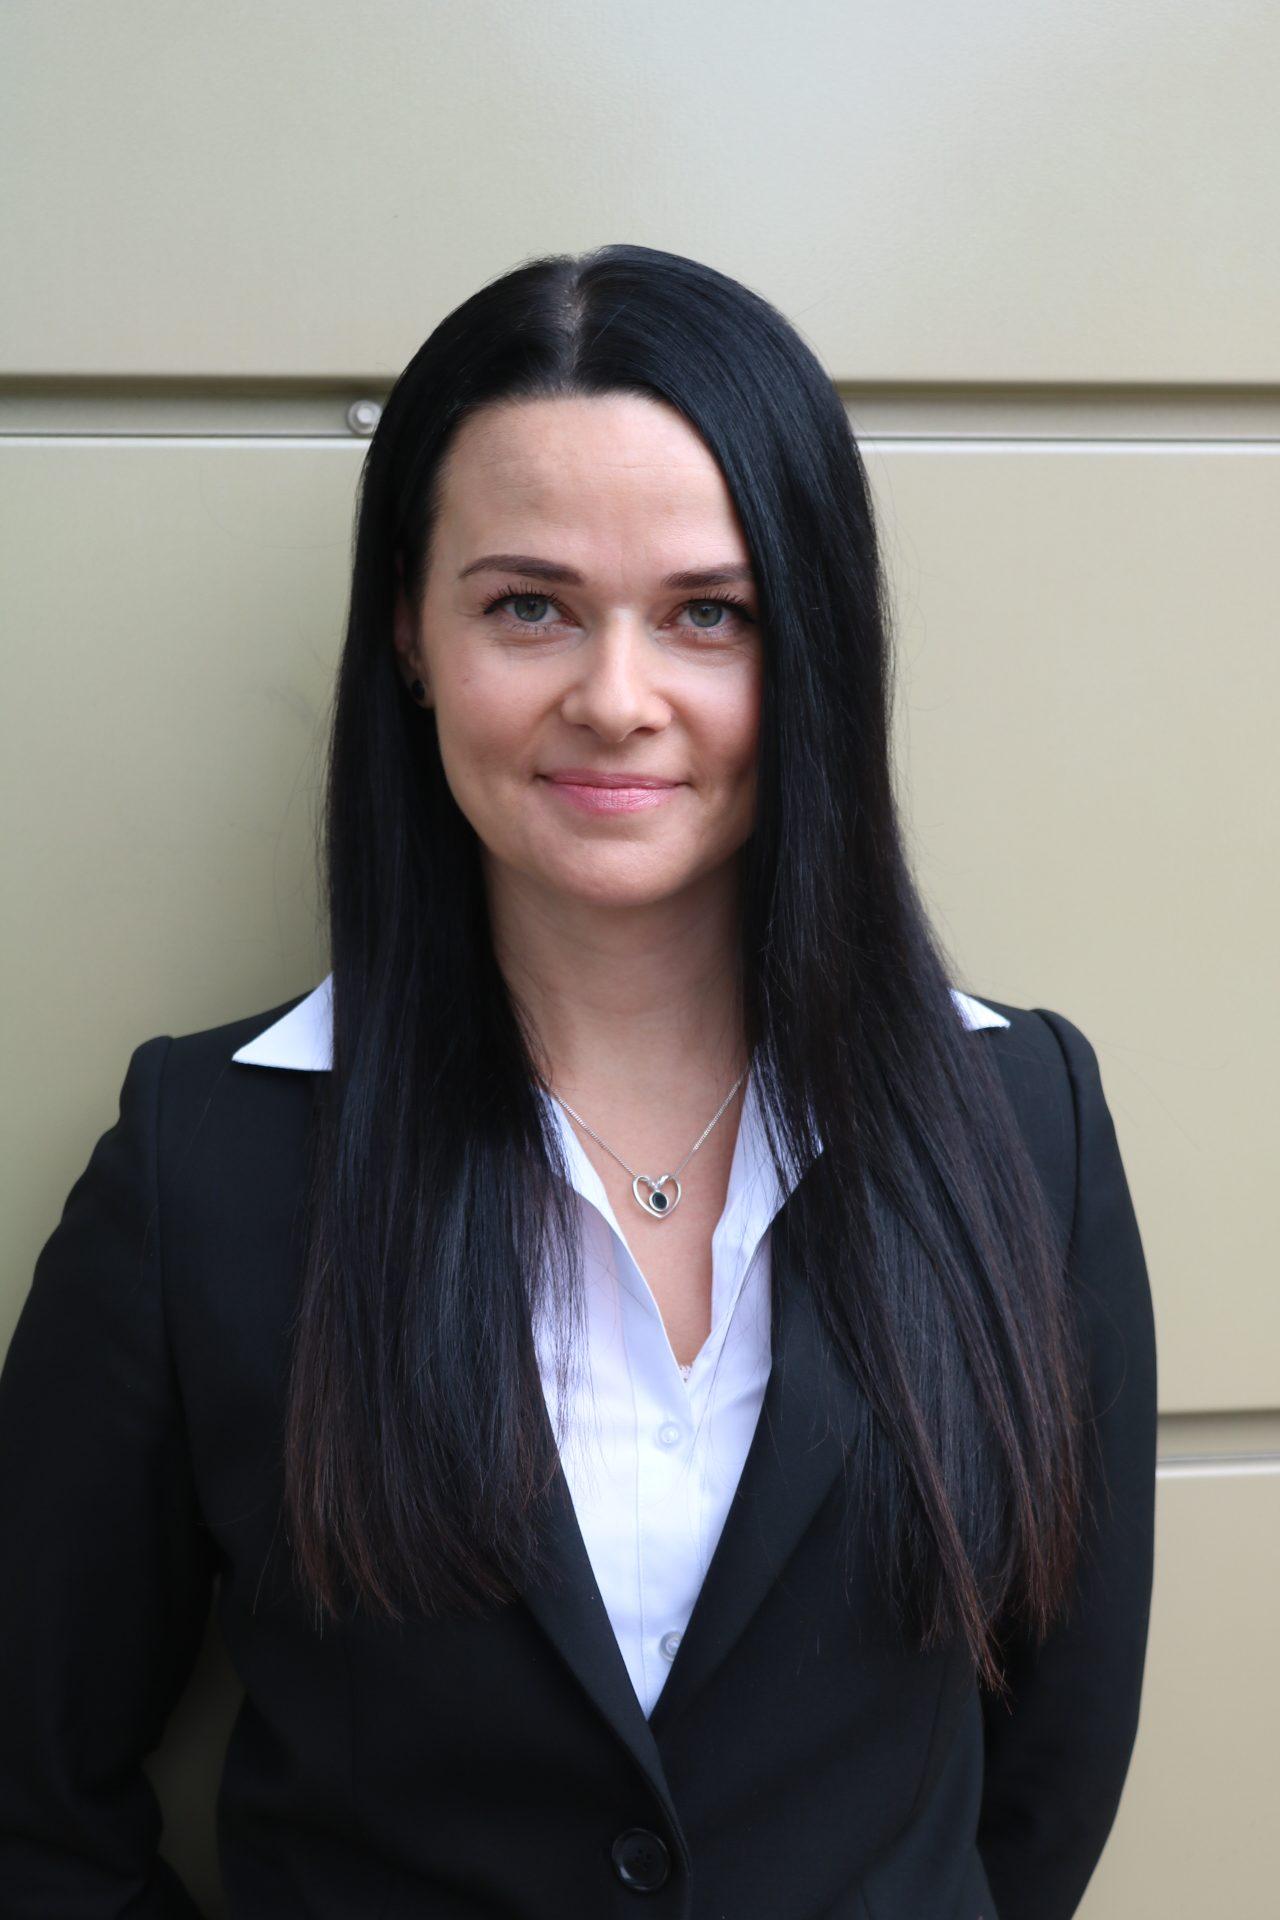 Lehdon Liikenne - Henkilöstö - Toimisto - Katja Lehto